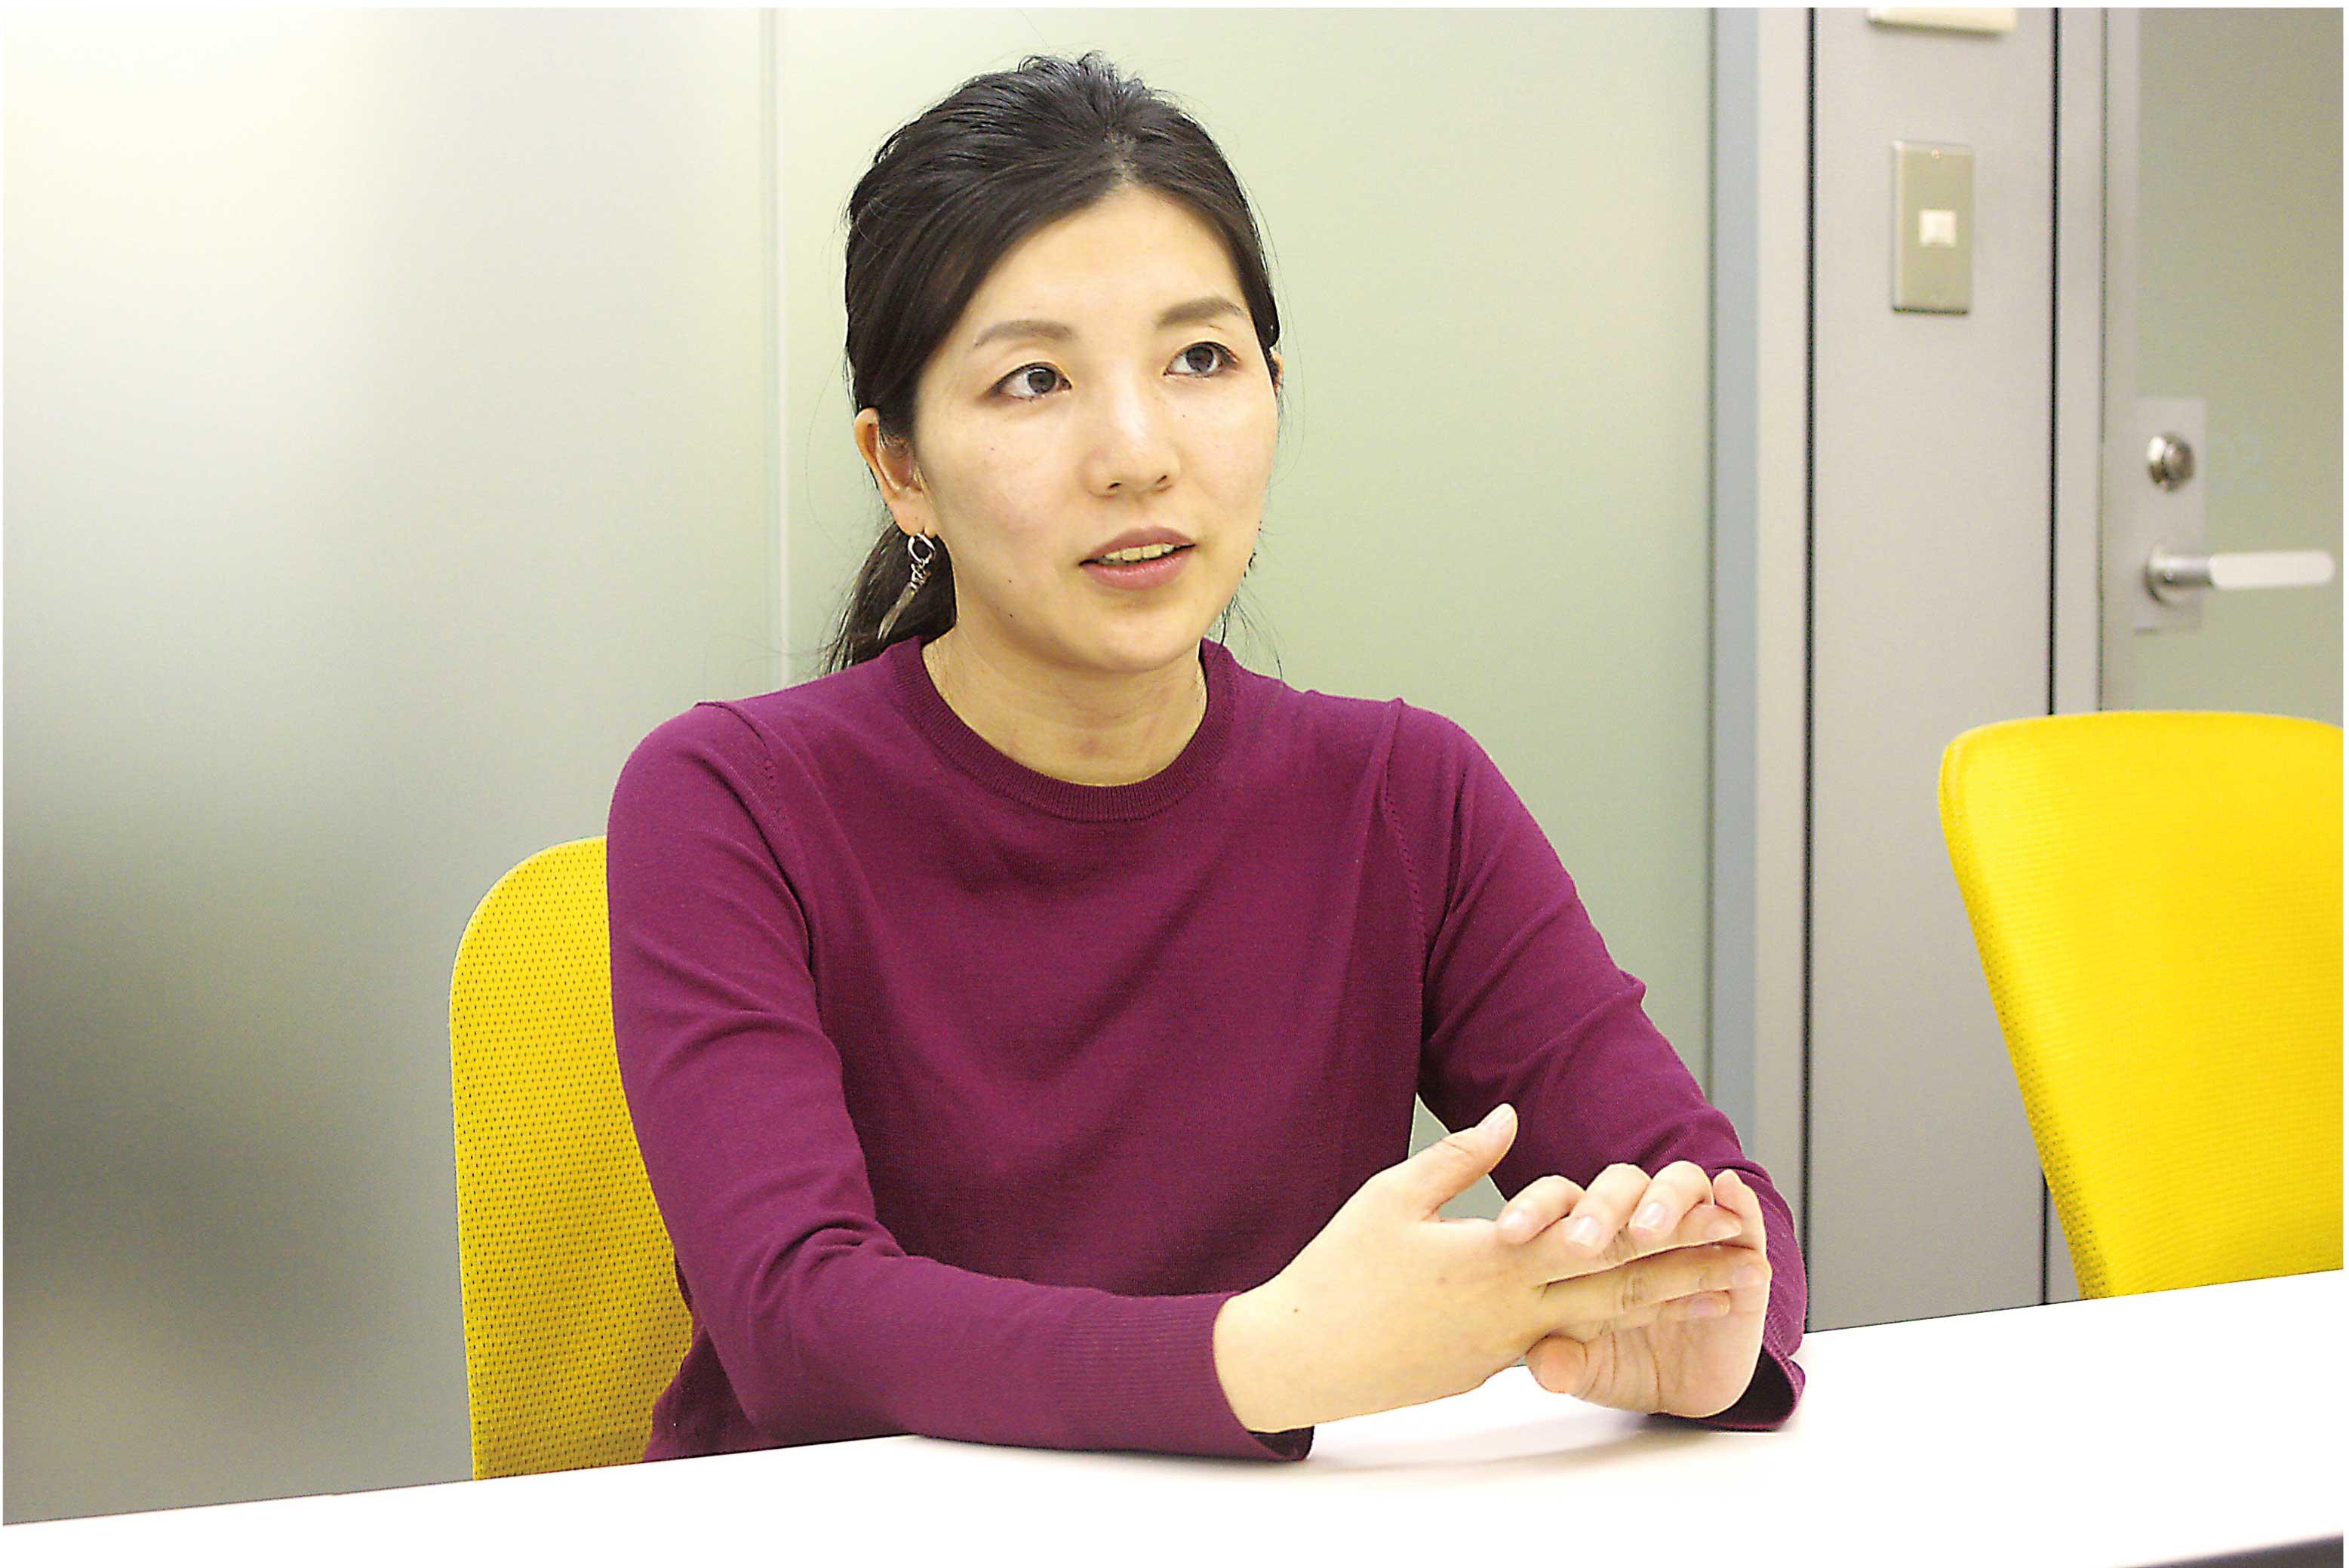 【マーケターインタビュー】ずっと長く働きたい。職種よりも条件を重視、働く女性の転職事情(2019年4月号)